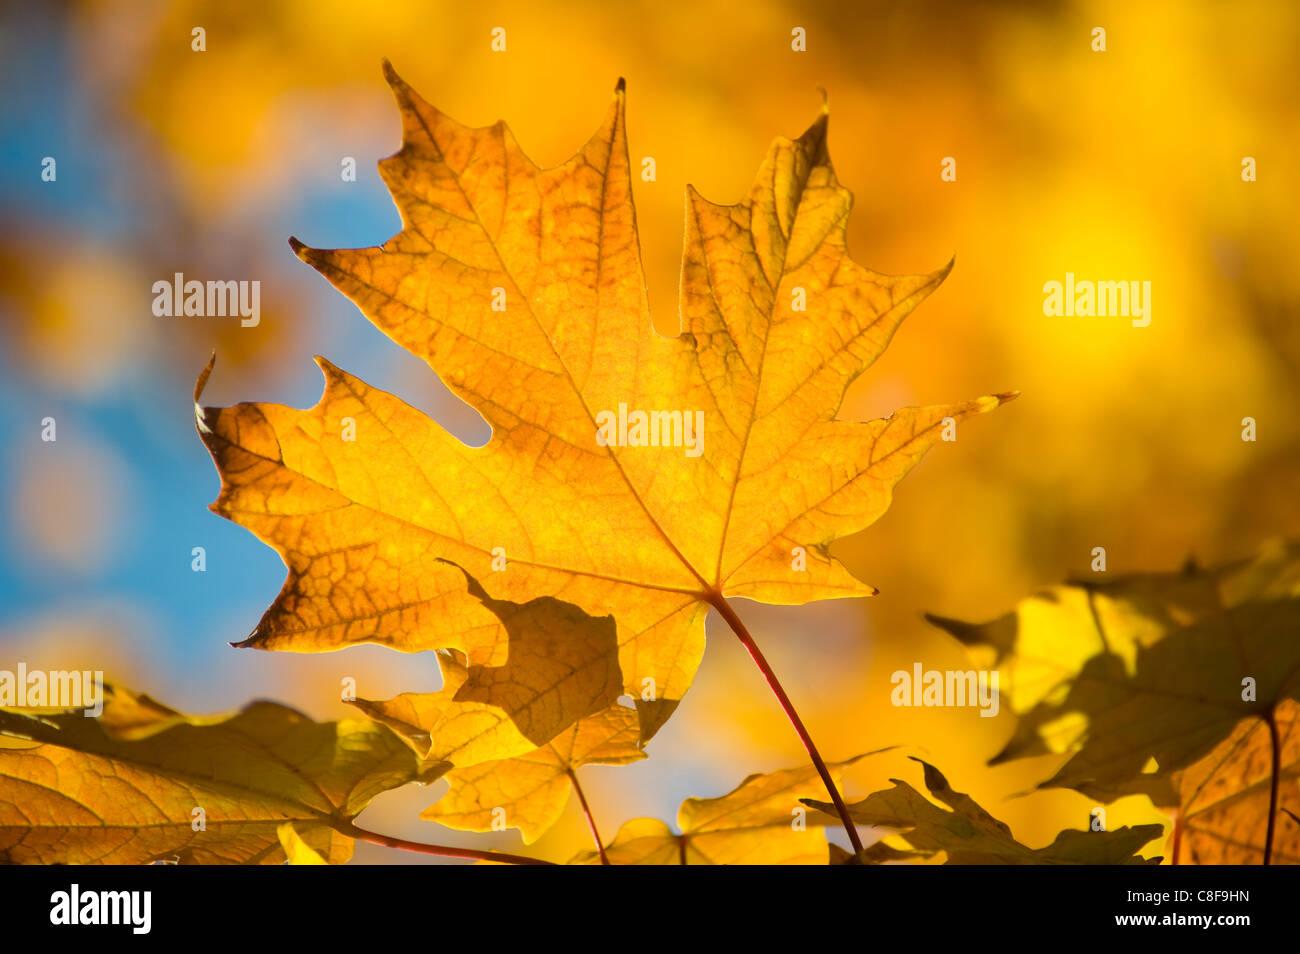 Di colore giallo brillante foglie di acero in autunno, Vermont, New England, Stati Uniti d'America Immagini Stock